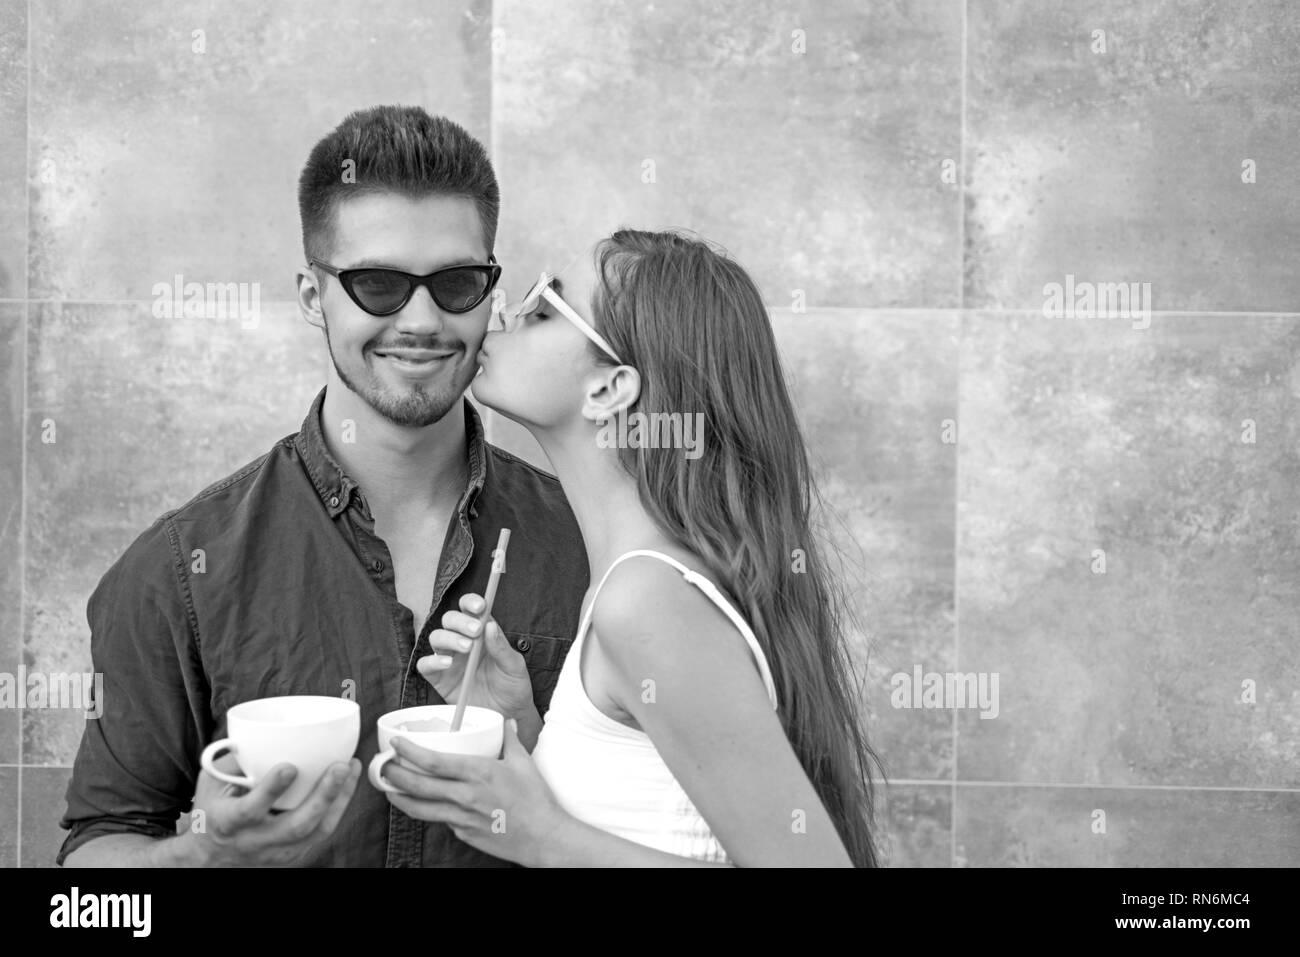 esprezzo dating hastighet dating Ankara